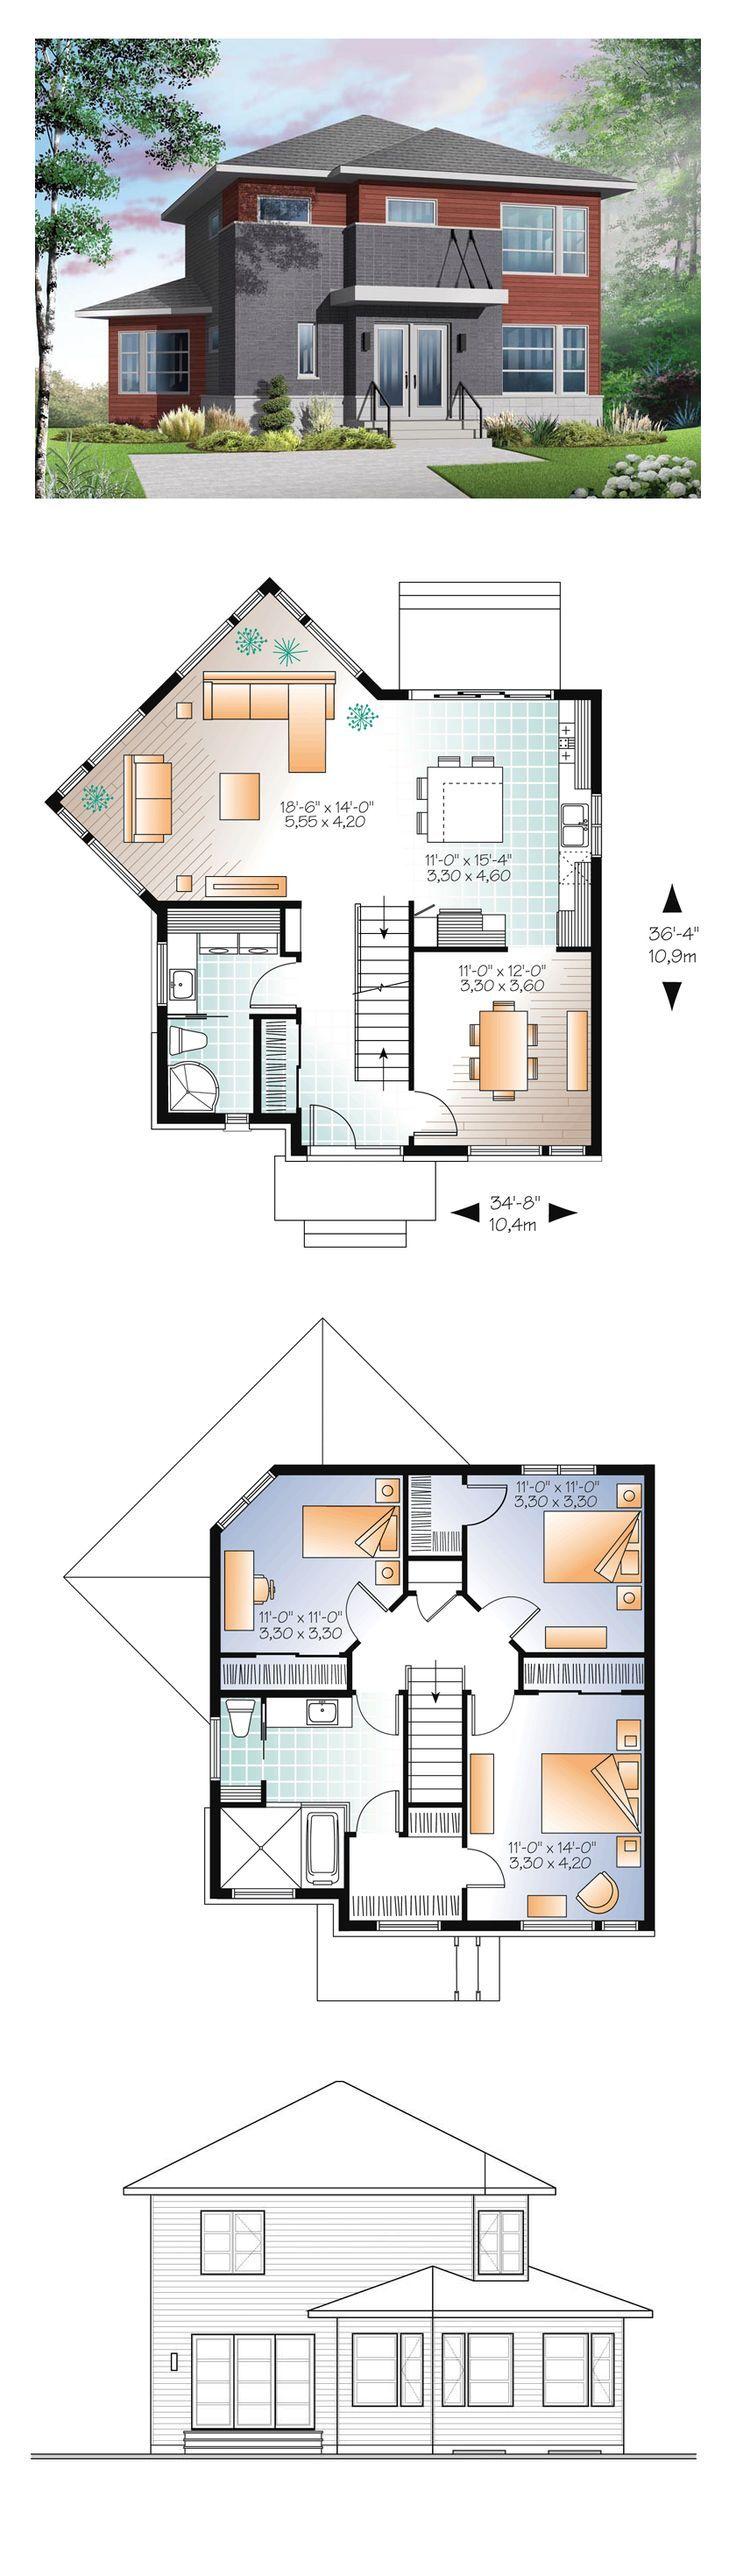 5 x 8 badezimmer design-ideen moderner hausplan   die architektur ideen  pinterest  modern